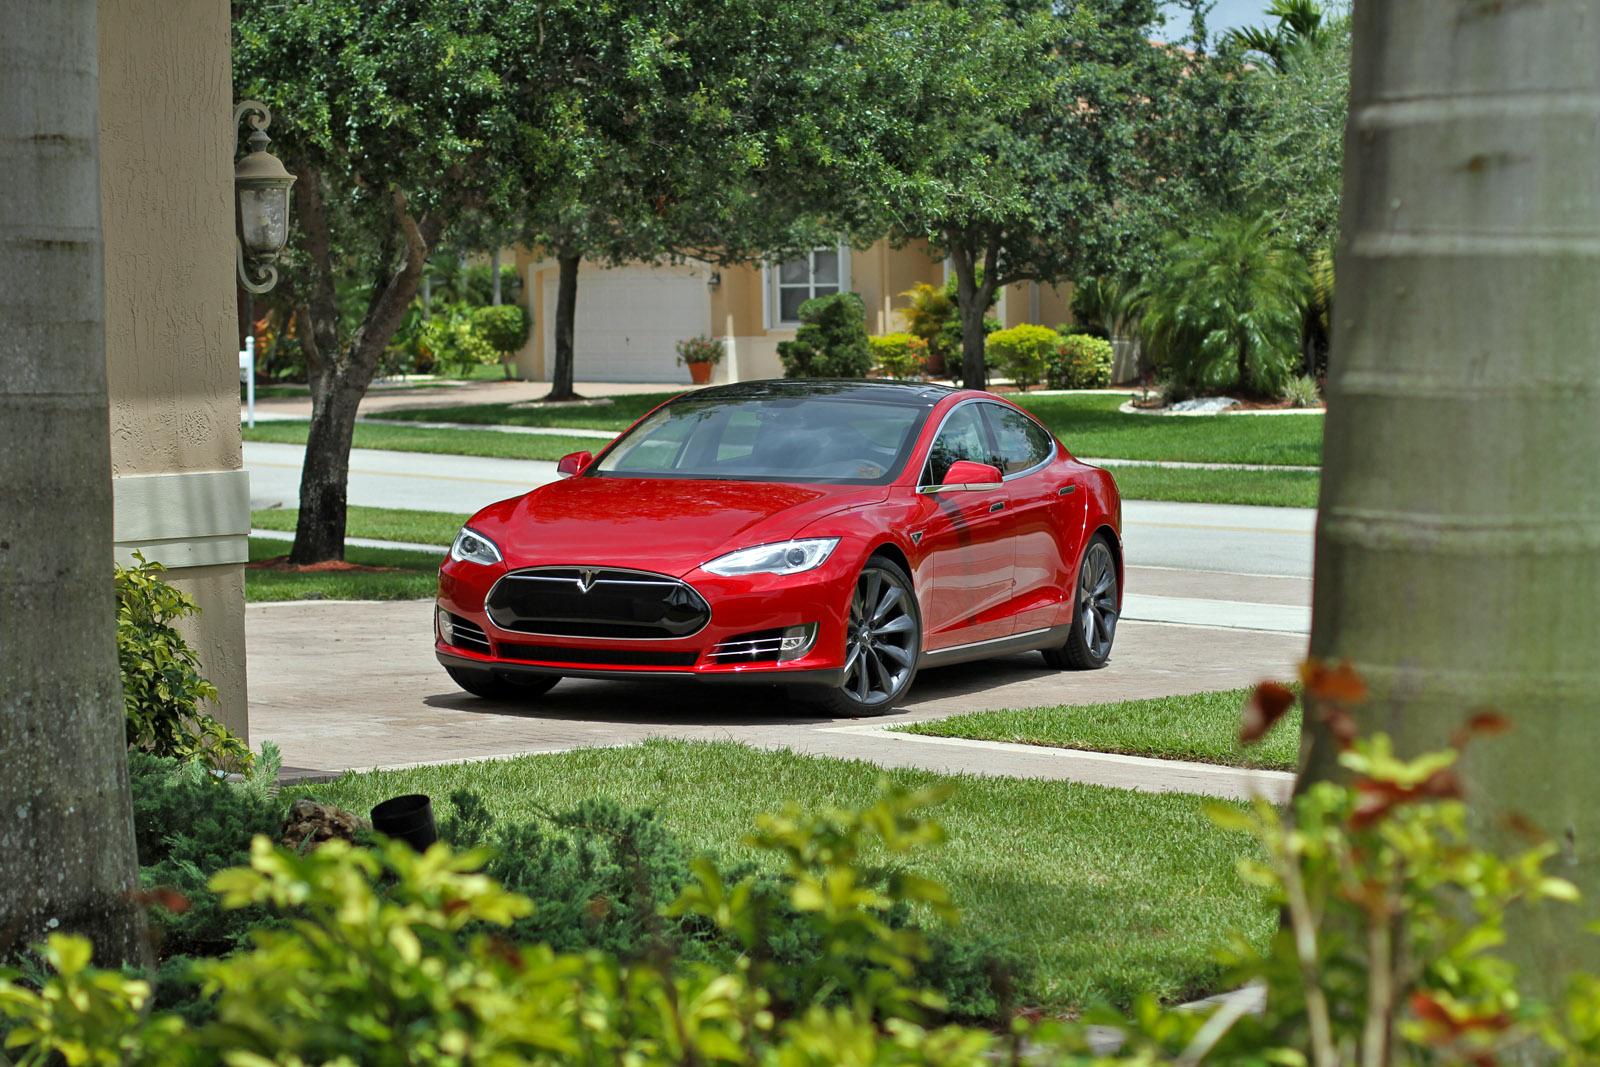 2013-tesla-model-s-p85-multi-coat-red-001.jpg